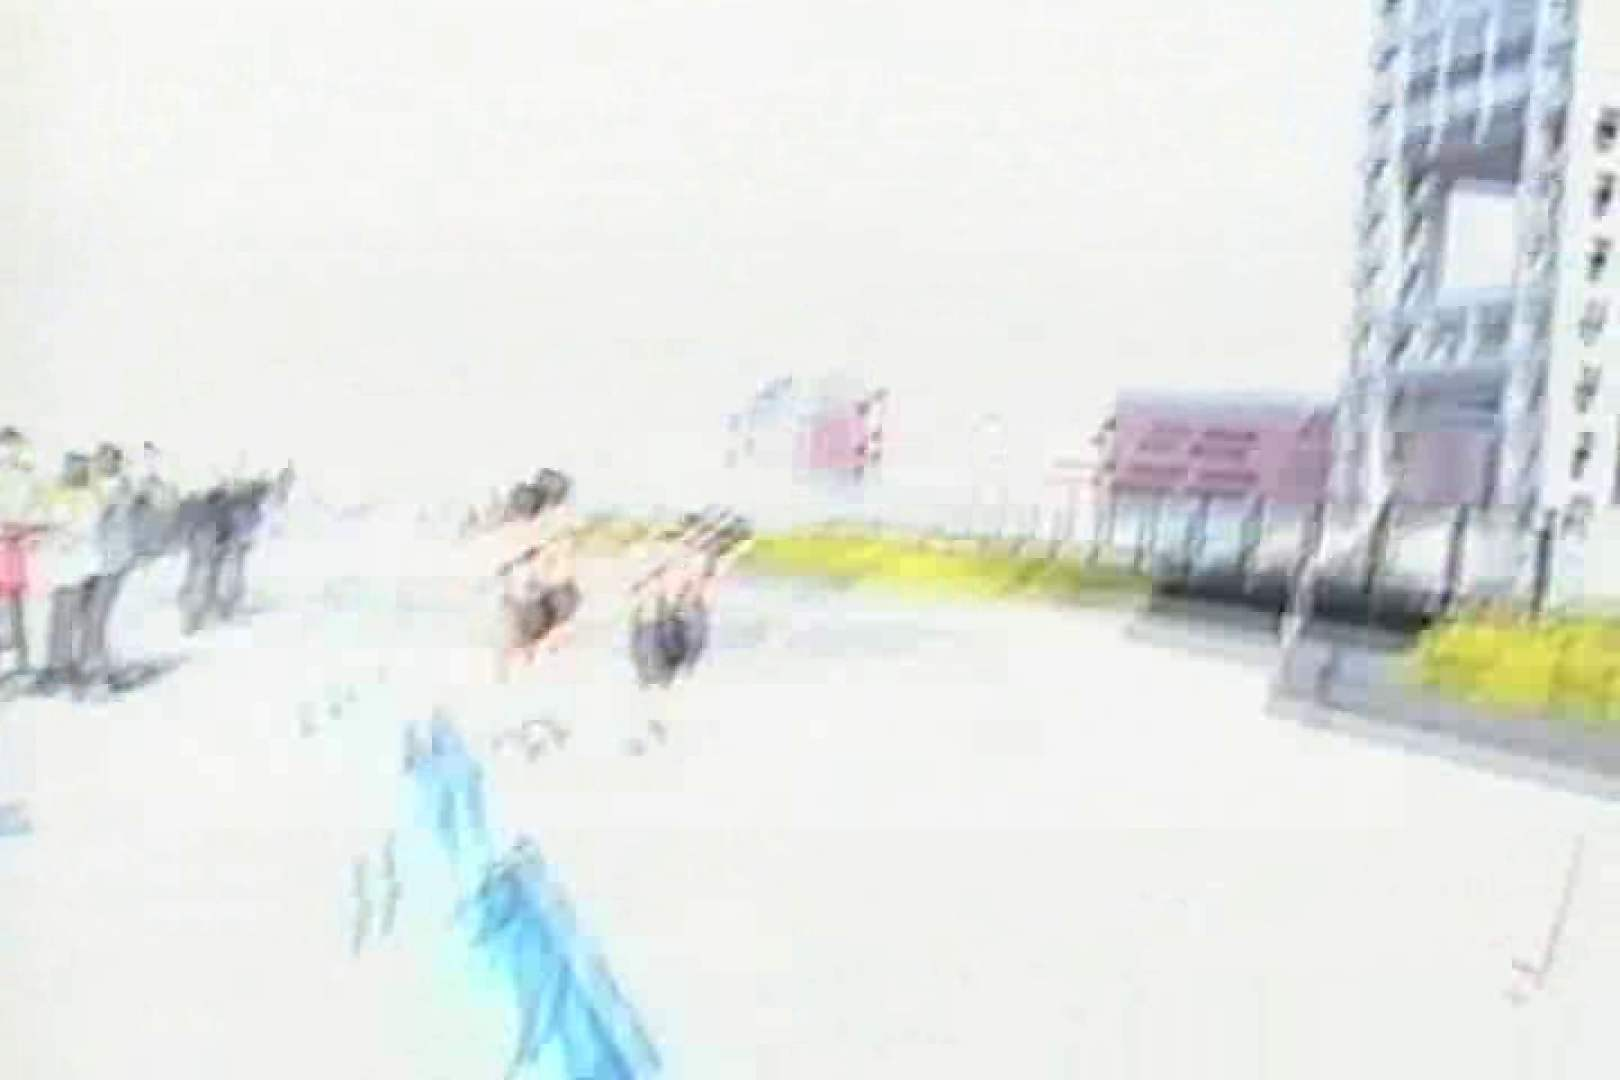 鉄人レース!!トライアスロンに挑む女性達!!Vol.8 アスリート系の女性 セックス無修正動画無料 84連発 7